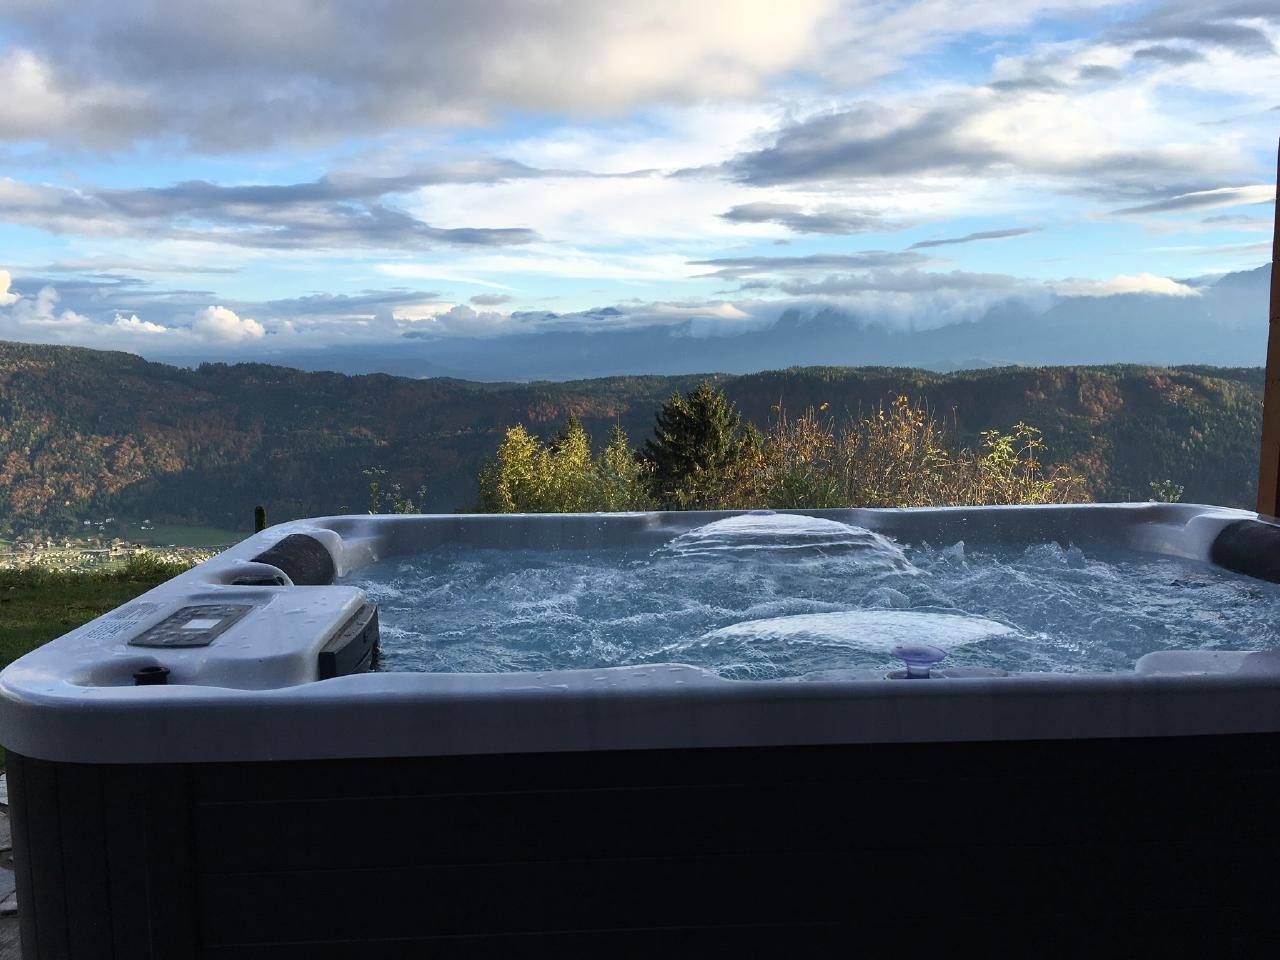 Maison de vacances Almchalet Orter (757480), Deutschberg, Lac Ossiach, Carinthie, Autriche, image 17